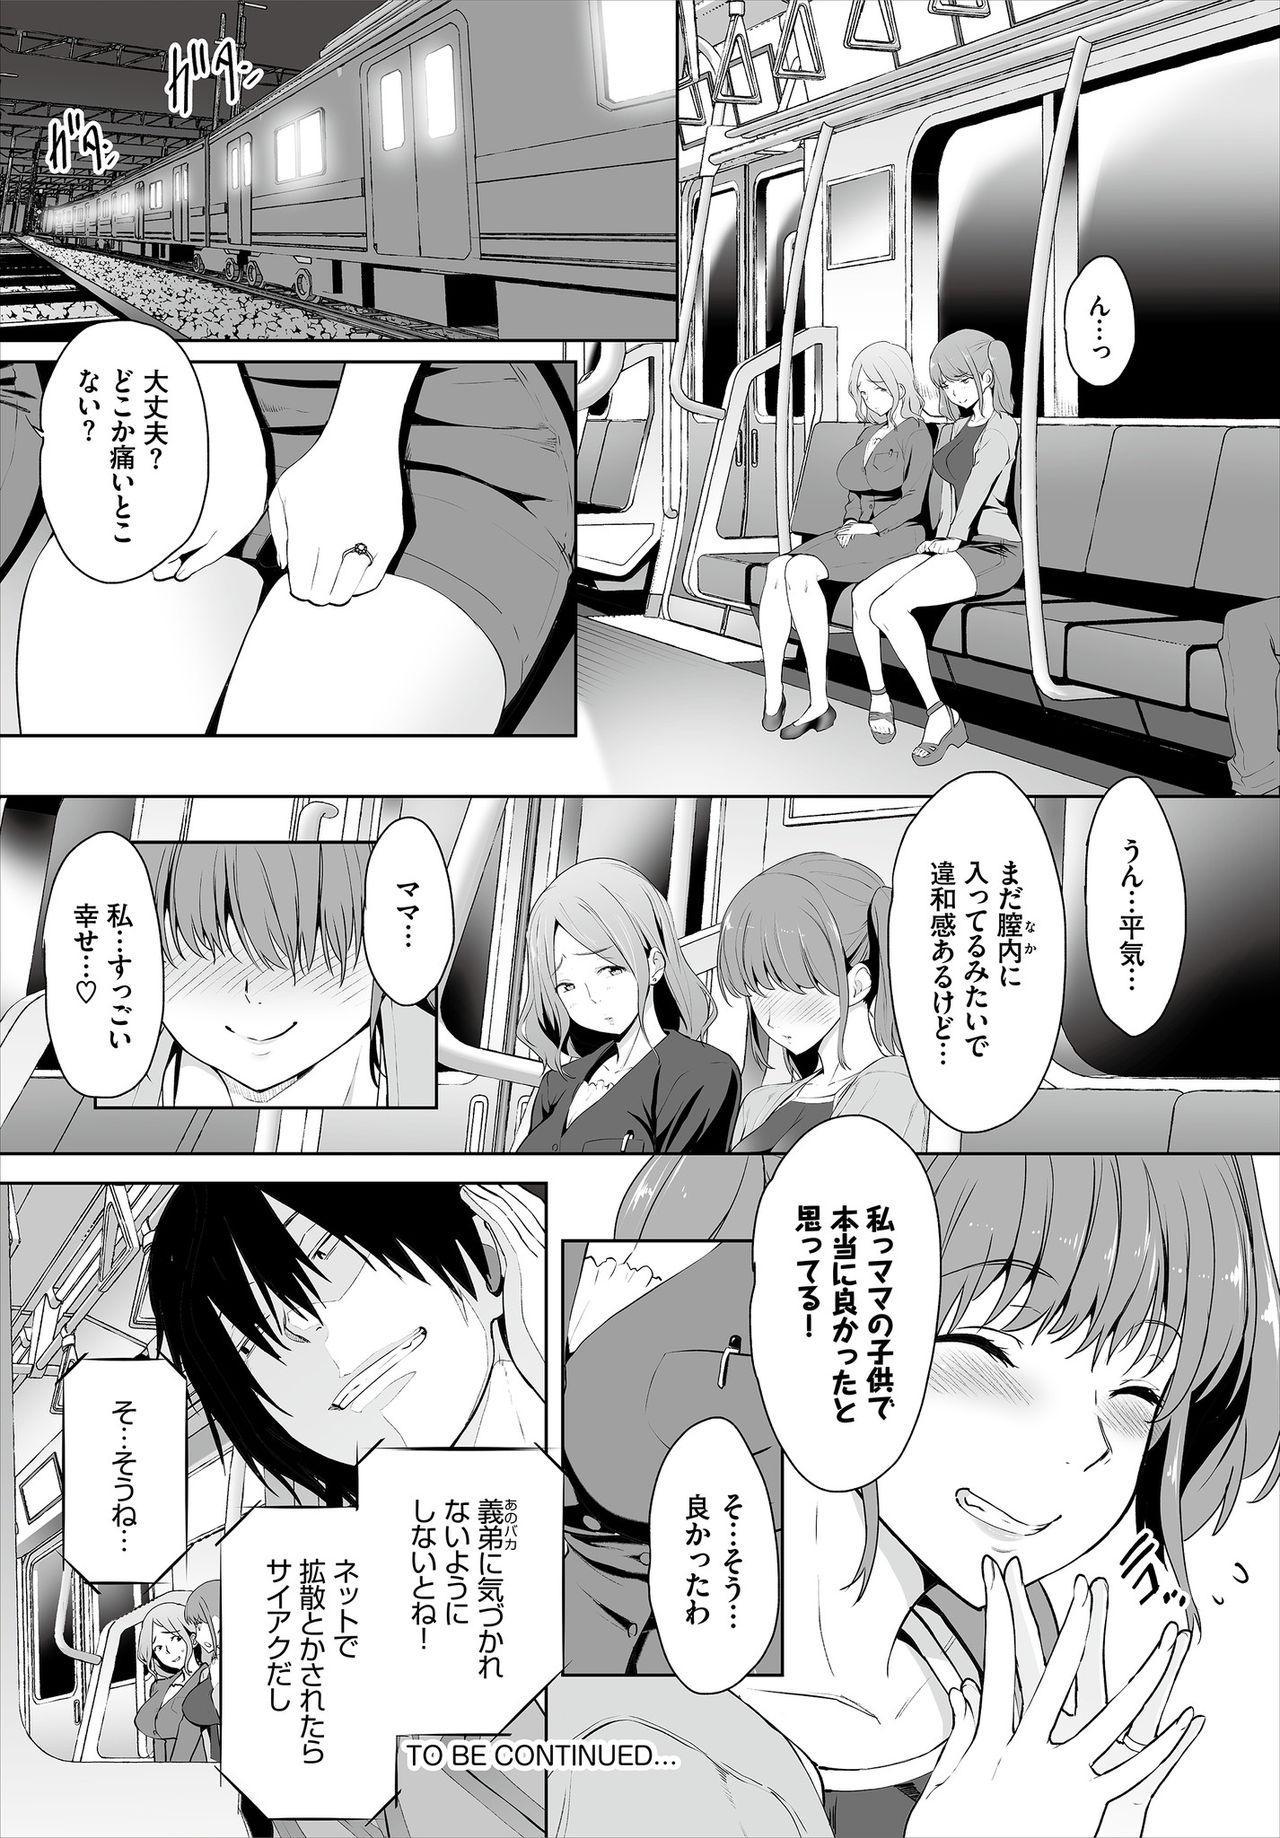 Zessan Haishinchuu Gibo Nikubenki Keikaku! Ch. 6-9 21